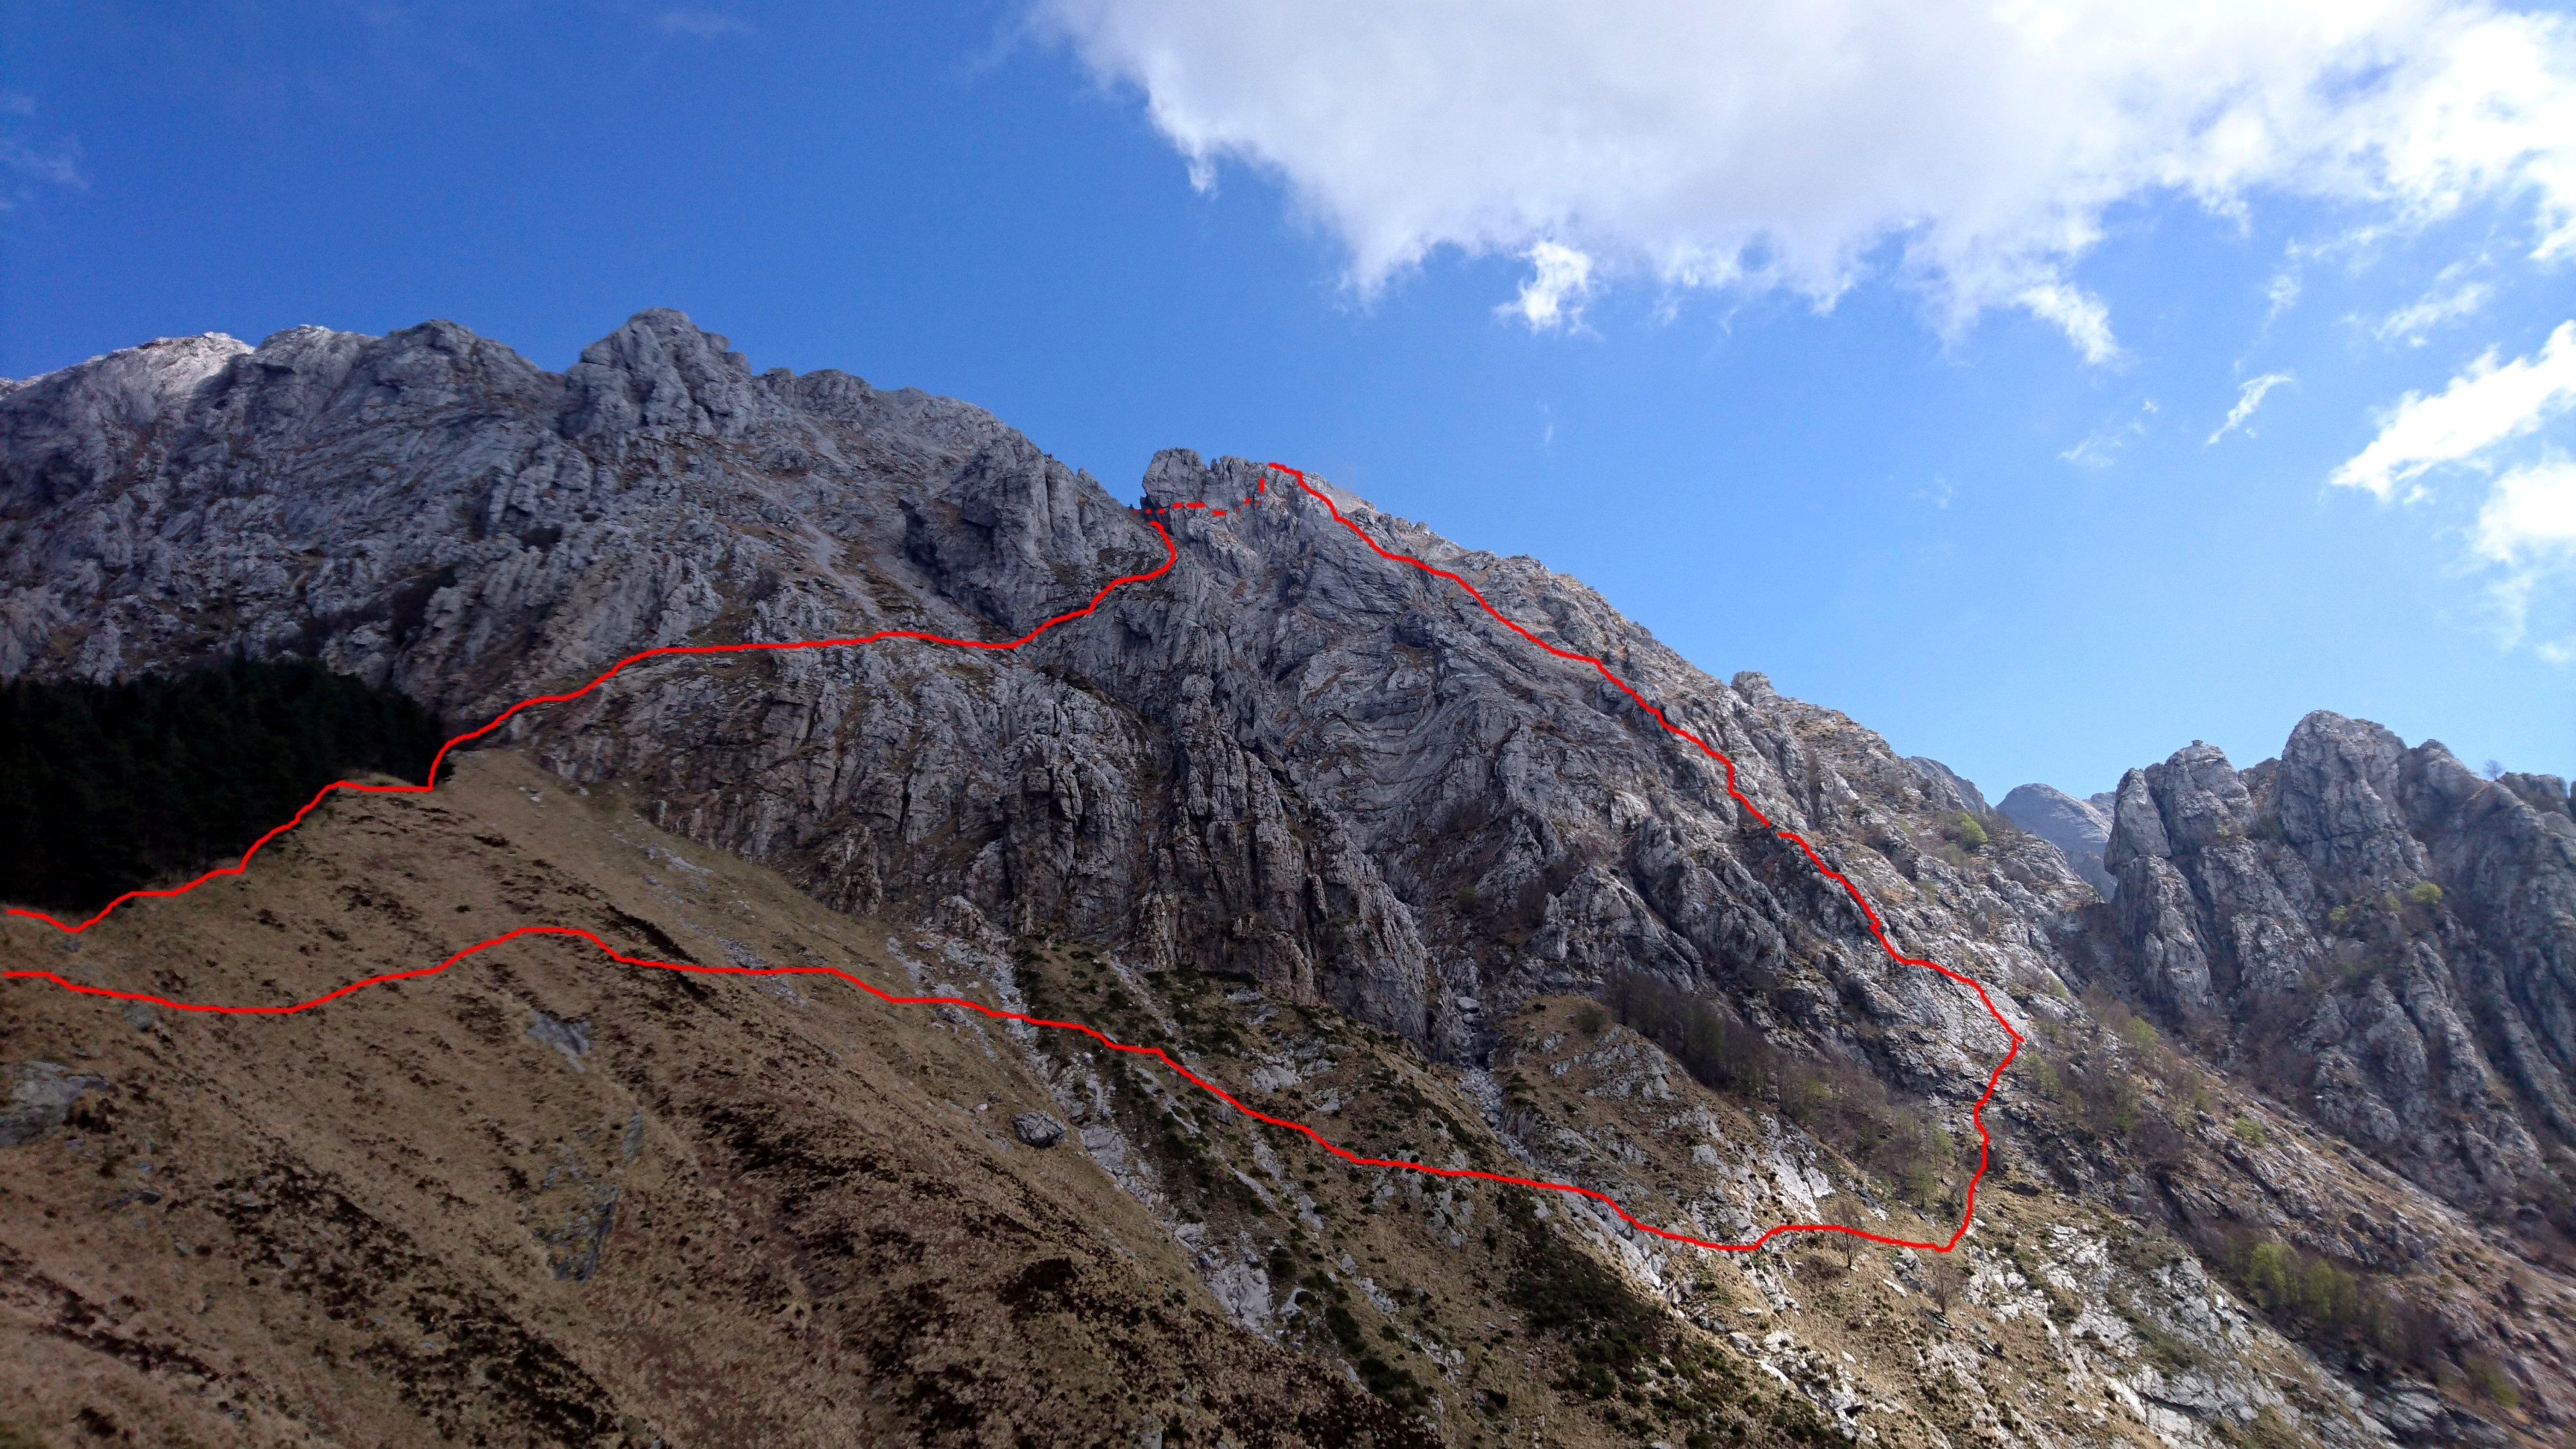 Ecco più o meno il nostro tragitto a partire dalla Foce Rasori. A destra la via di salita. A sx la discesa